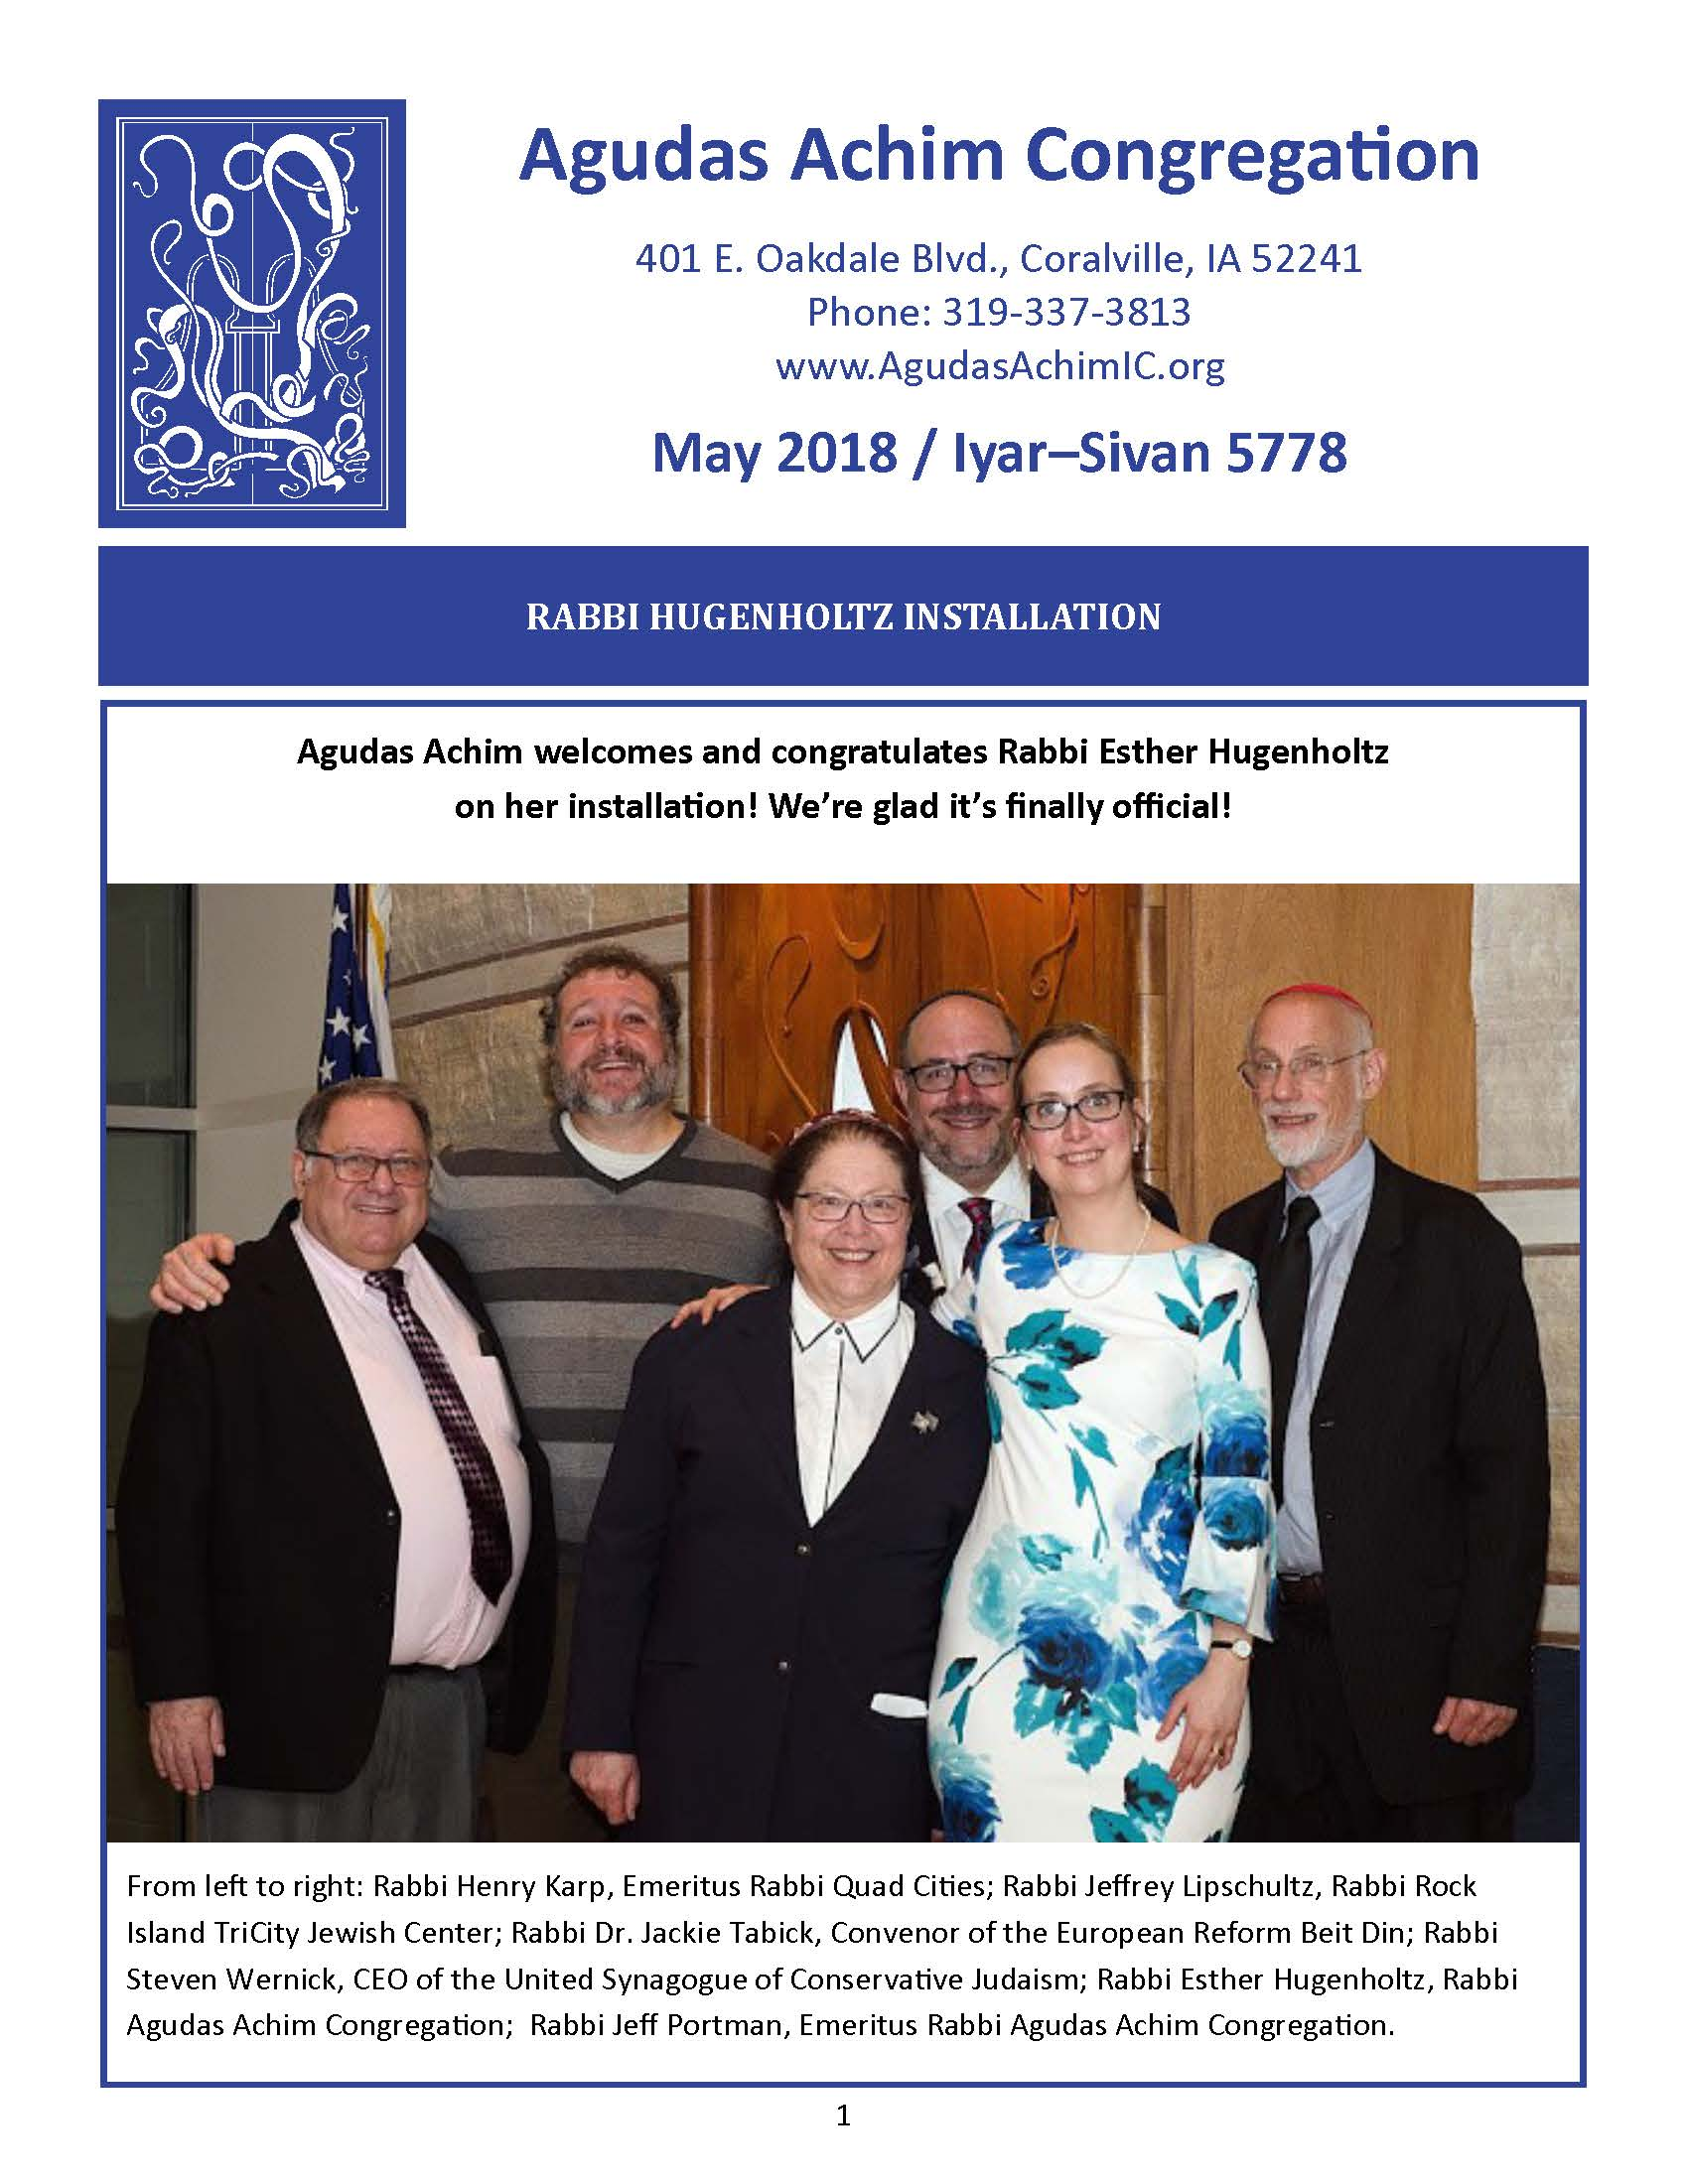 May 2018 Bulletin